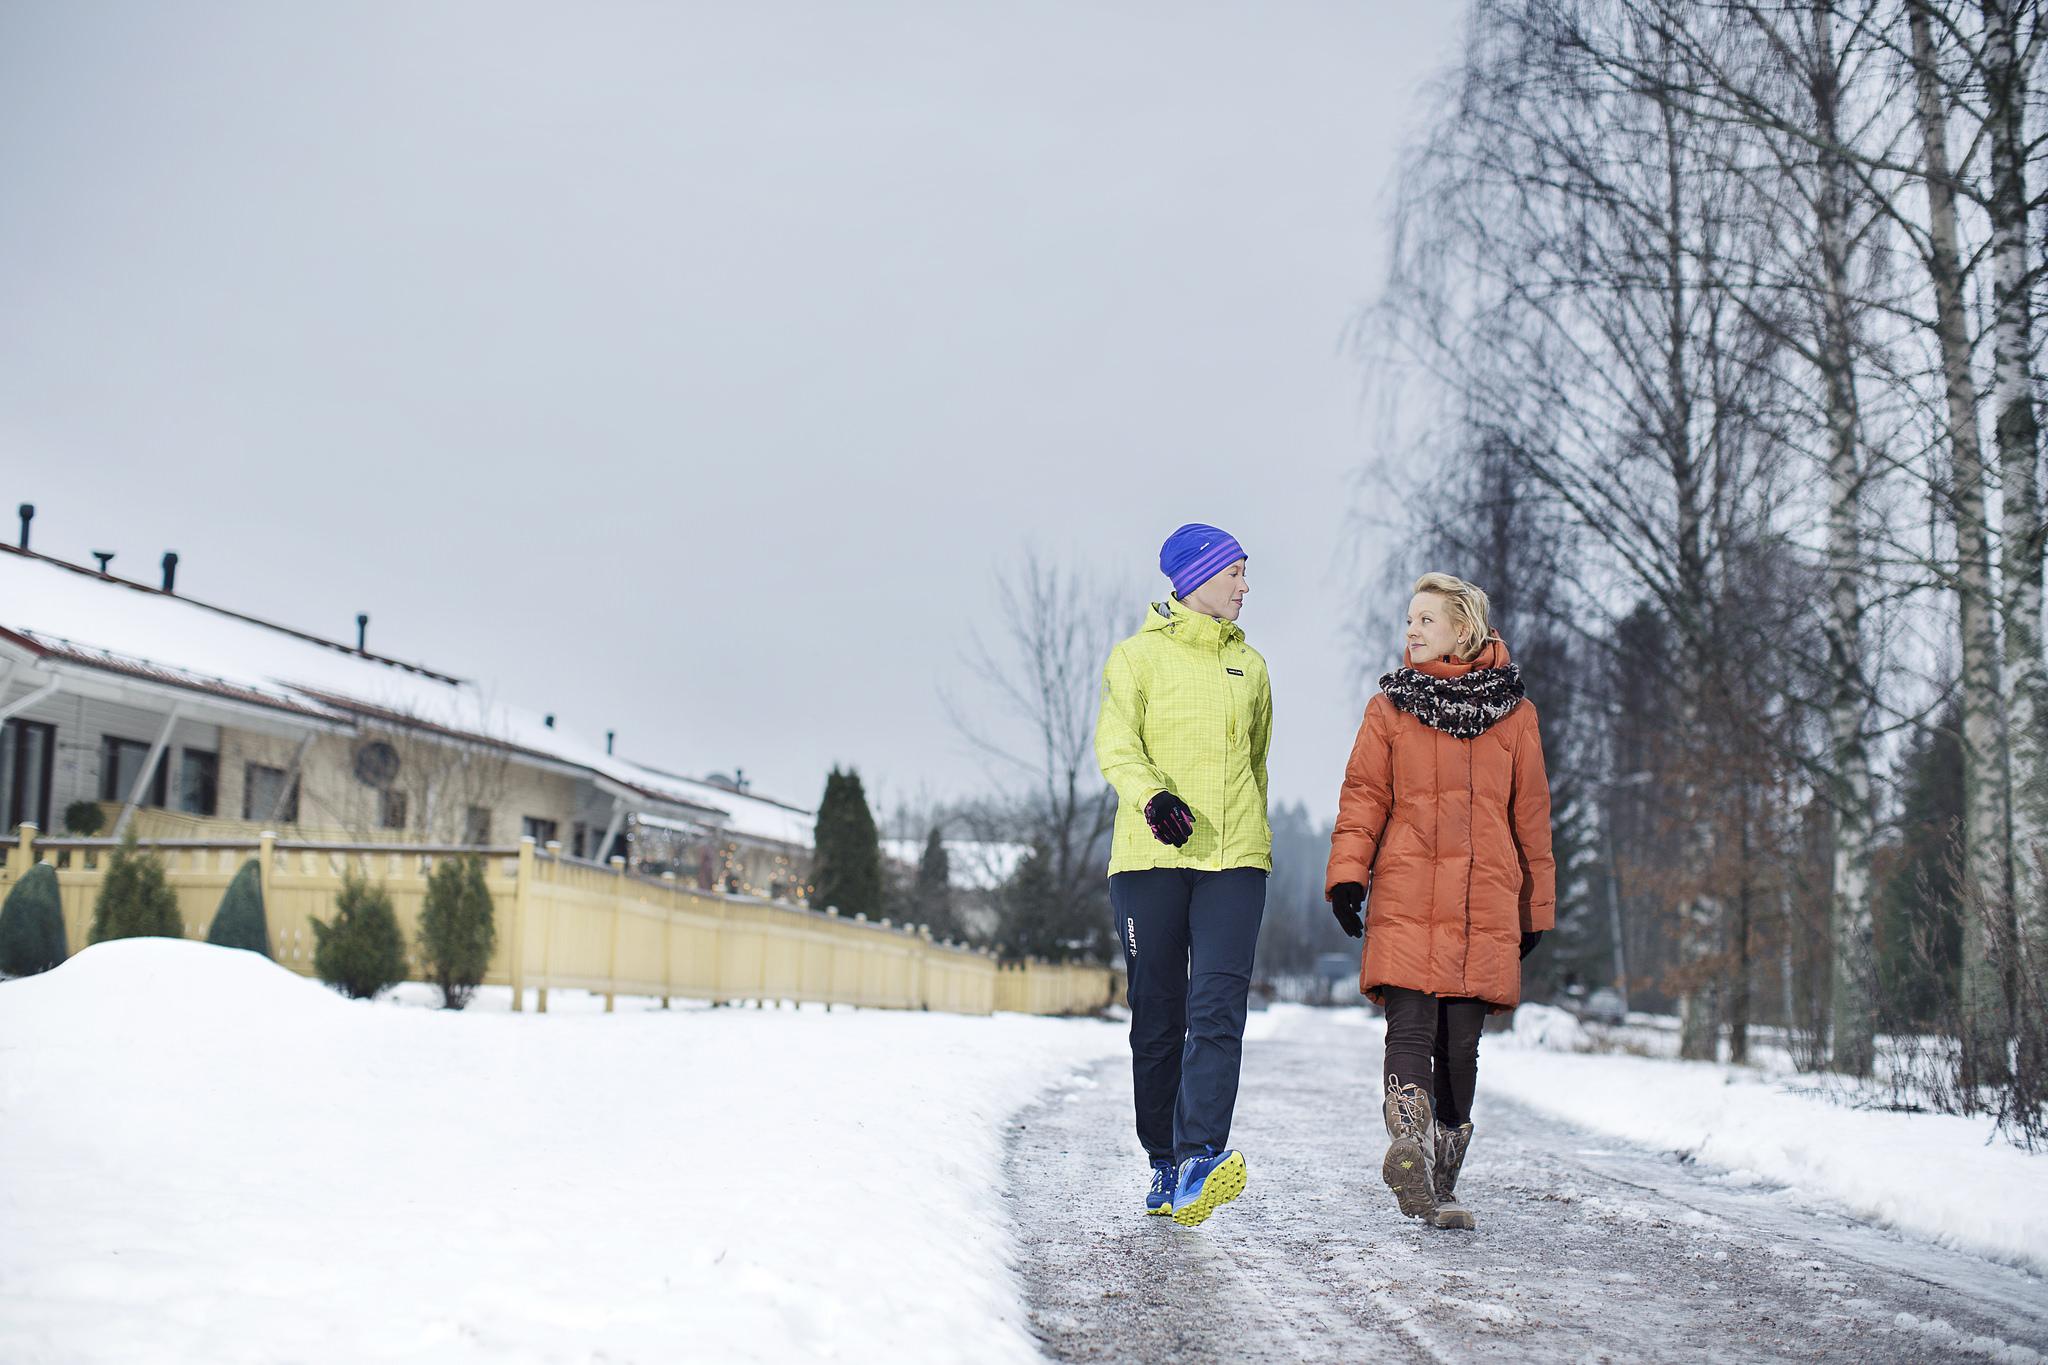 Två människor är på väg under vinter.